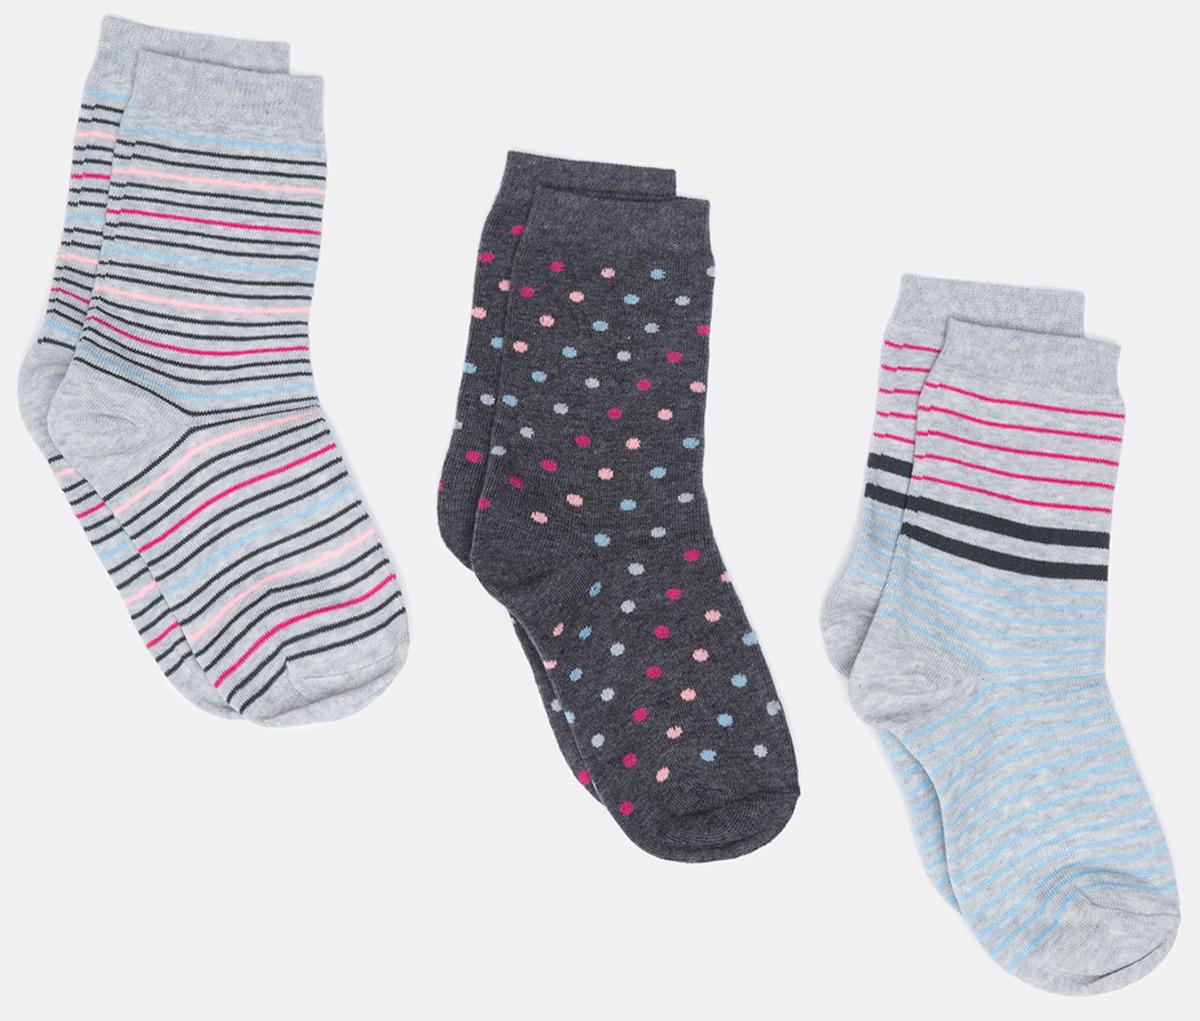 Носки женские Infinity Lingerie Trina, цвет: мультиколор, 3 пары. 31204420081_8000. Размер 35/36 носки 3 пары infinity kids для девочки цвет мультиколор